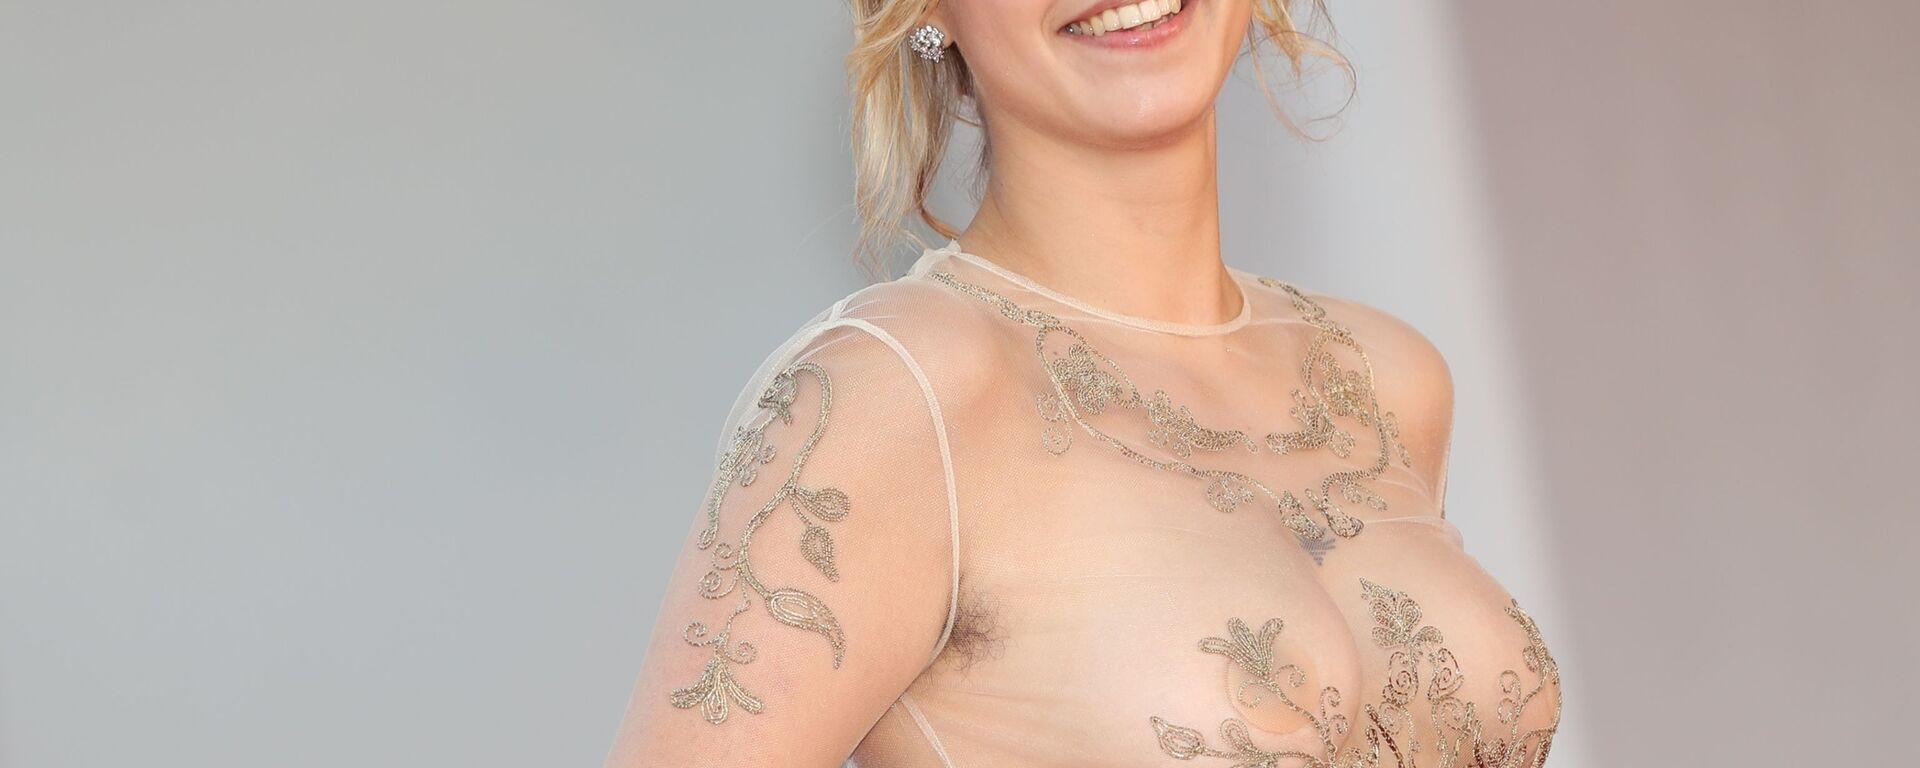 Актриса Саломея Деваэлс на красной дорожке на 78-м Венецианском международном кинофестивале  - Sputnik Таджикистан, 1920, 09.09.2021